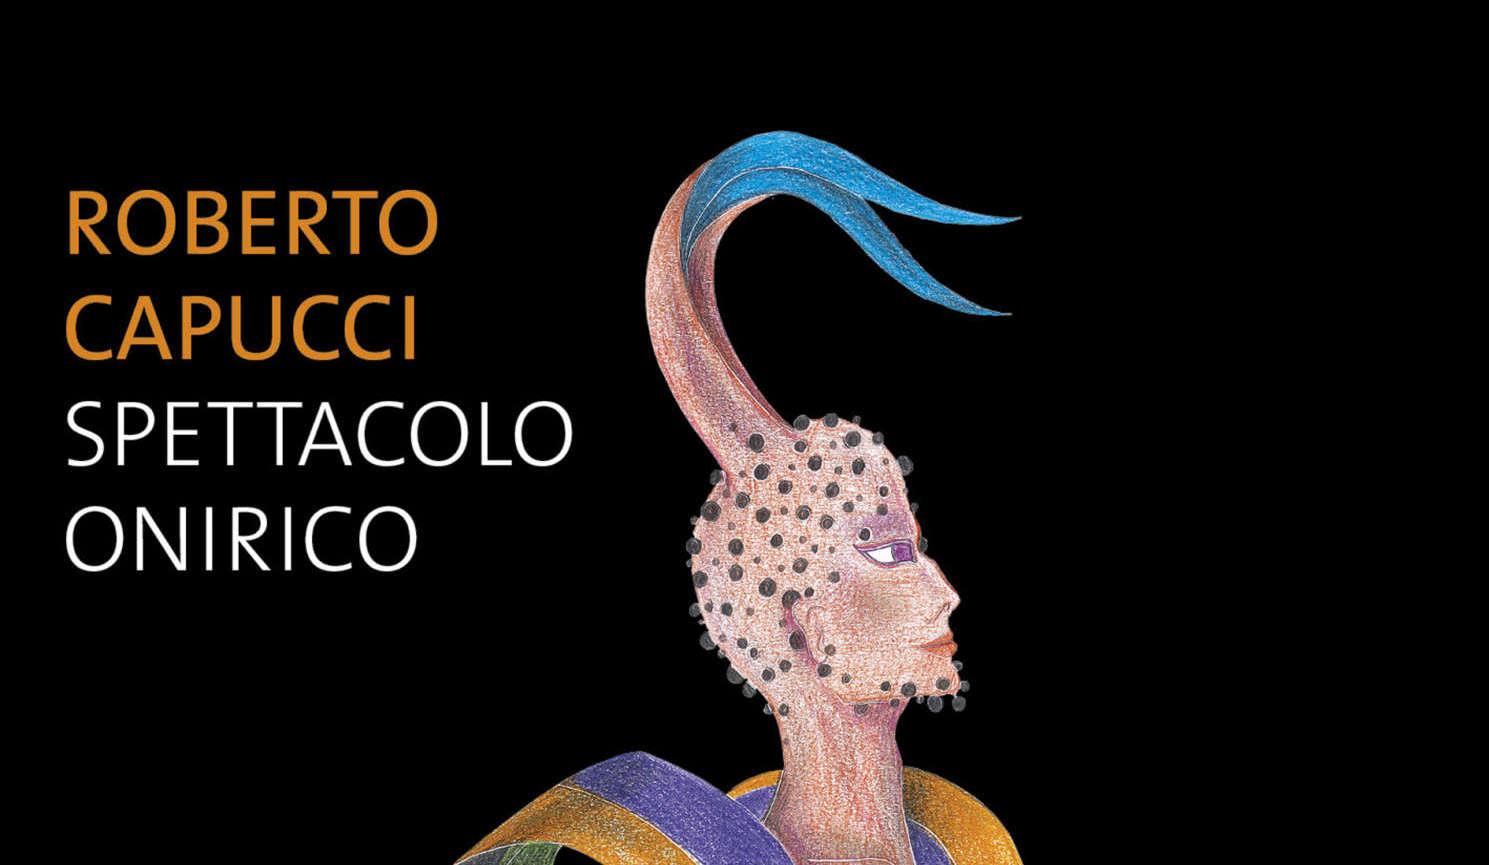 Fondazione Eduardo De Filippo apre con la mostra 'Roberto Capucci spettacolo onirico'